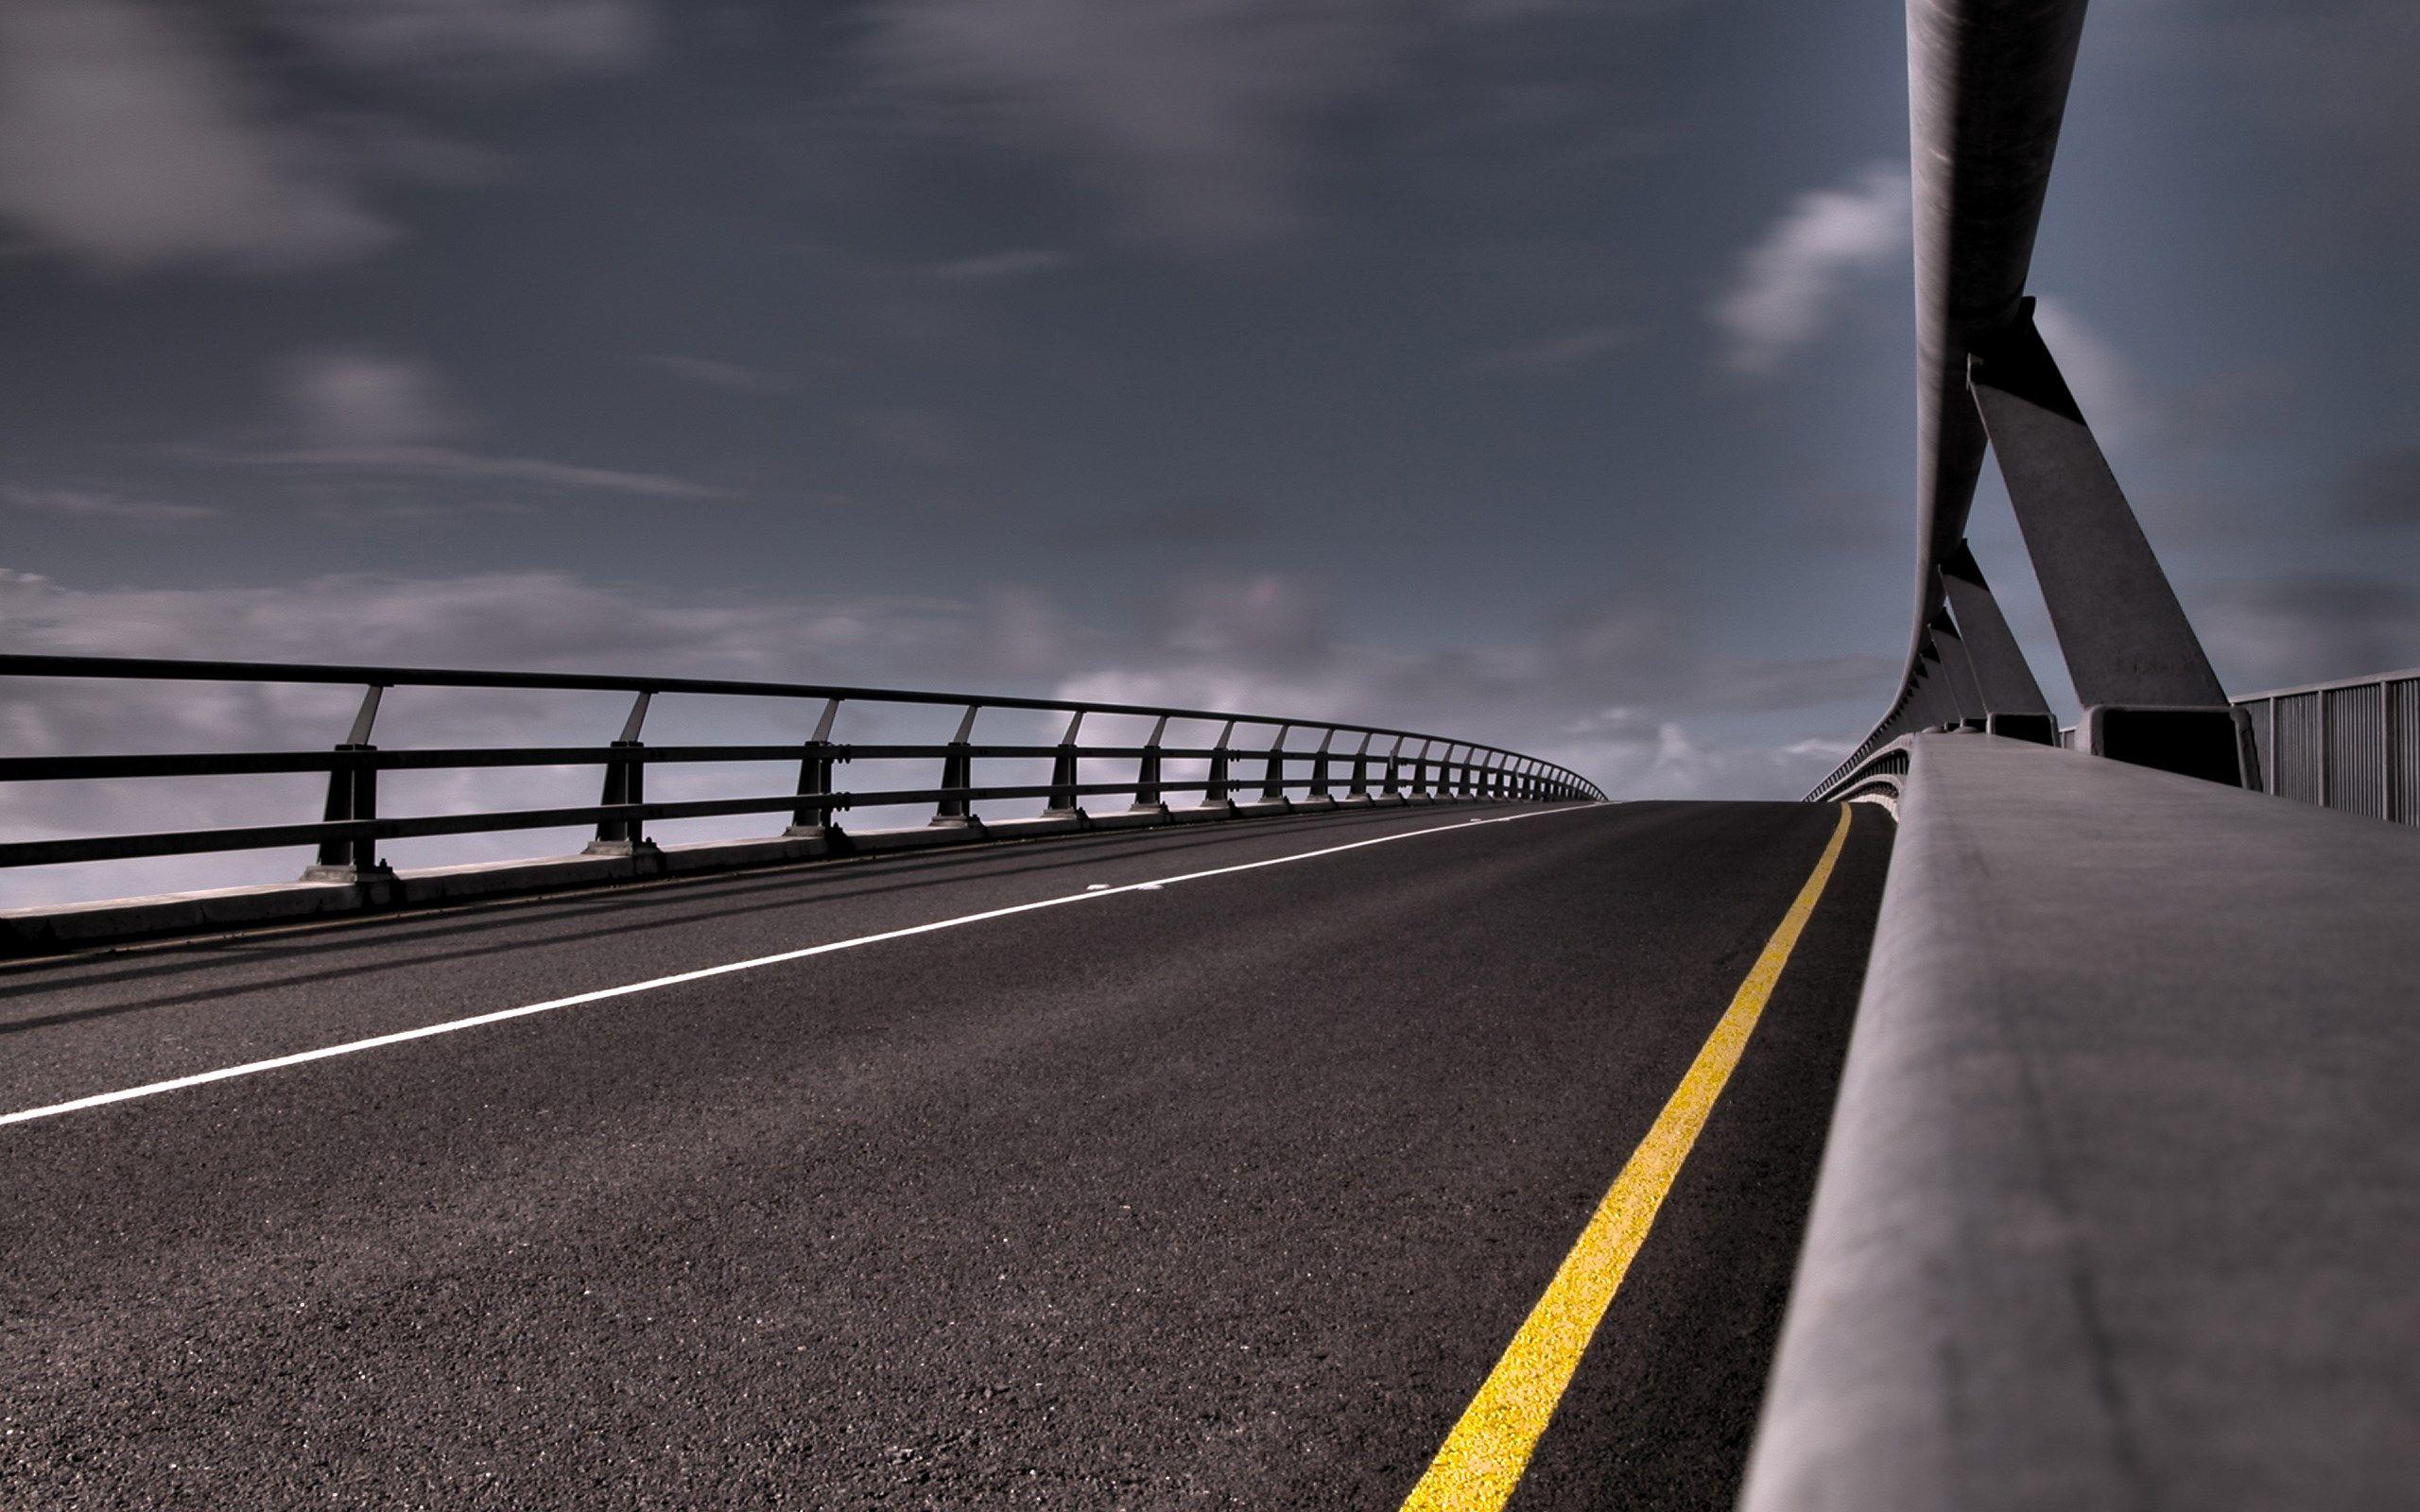 20325 Beautiful Road Pic